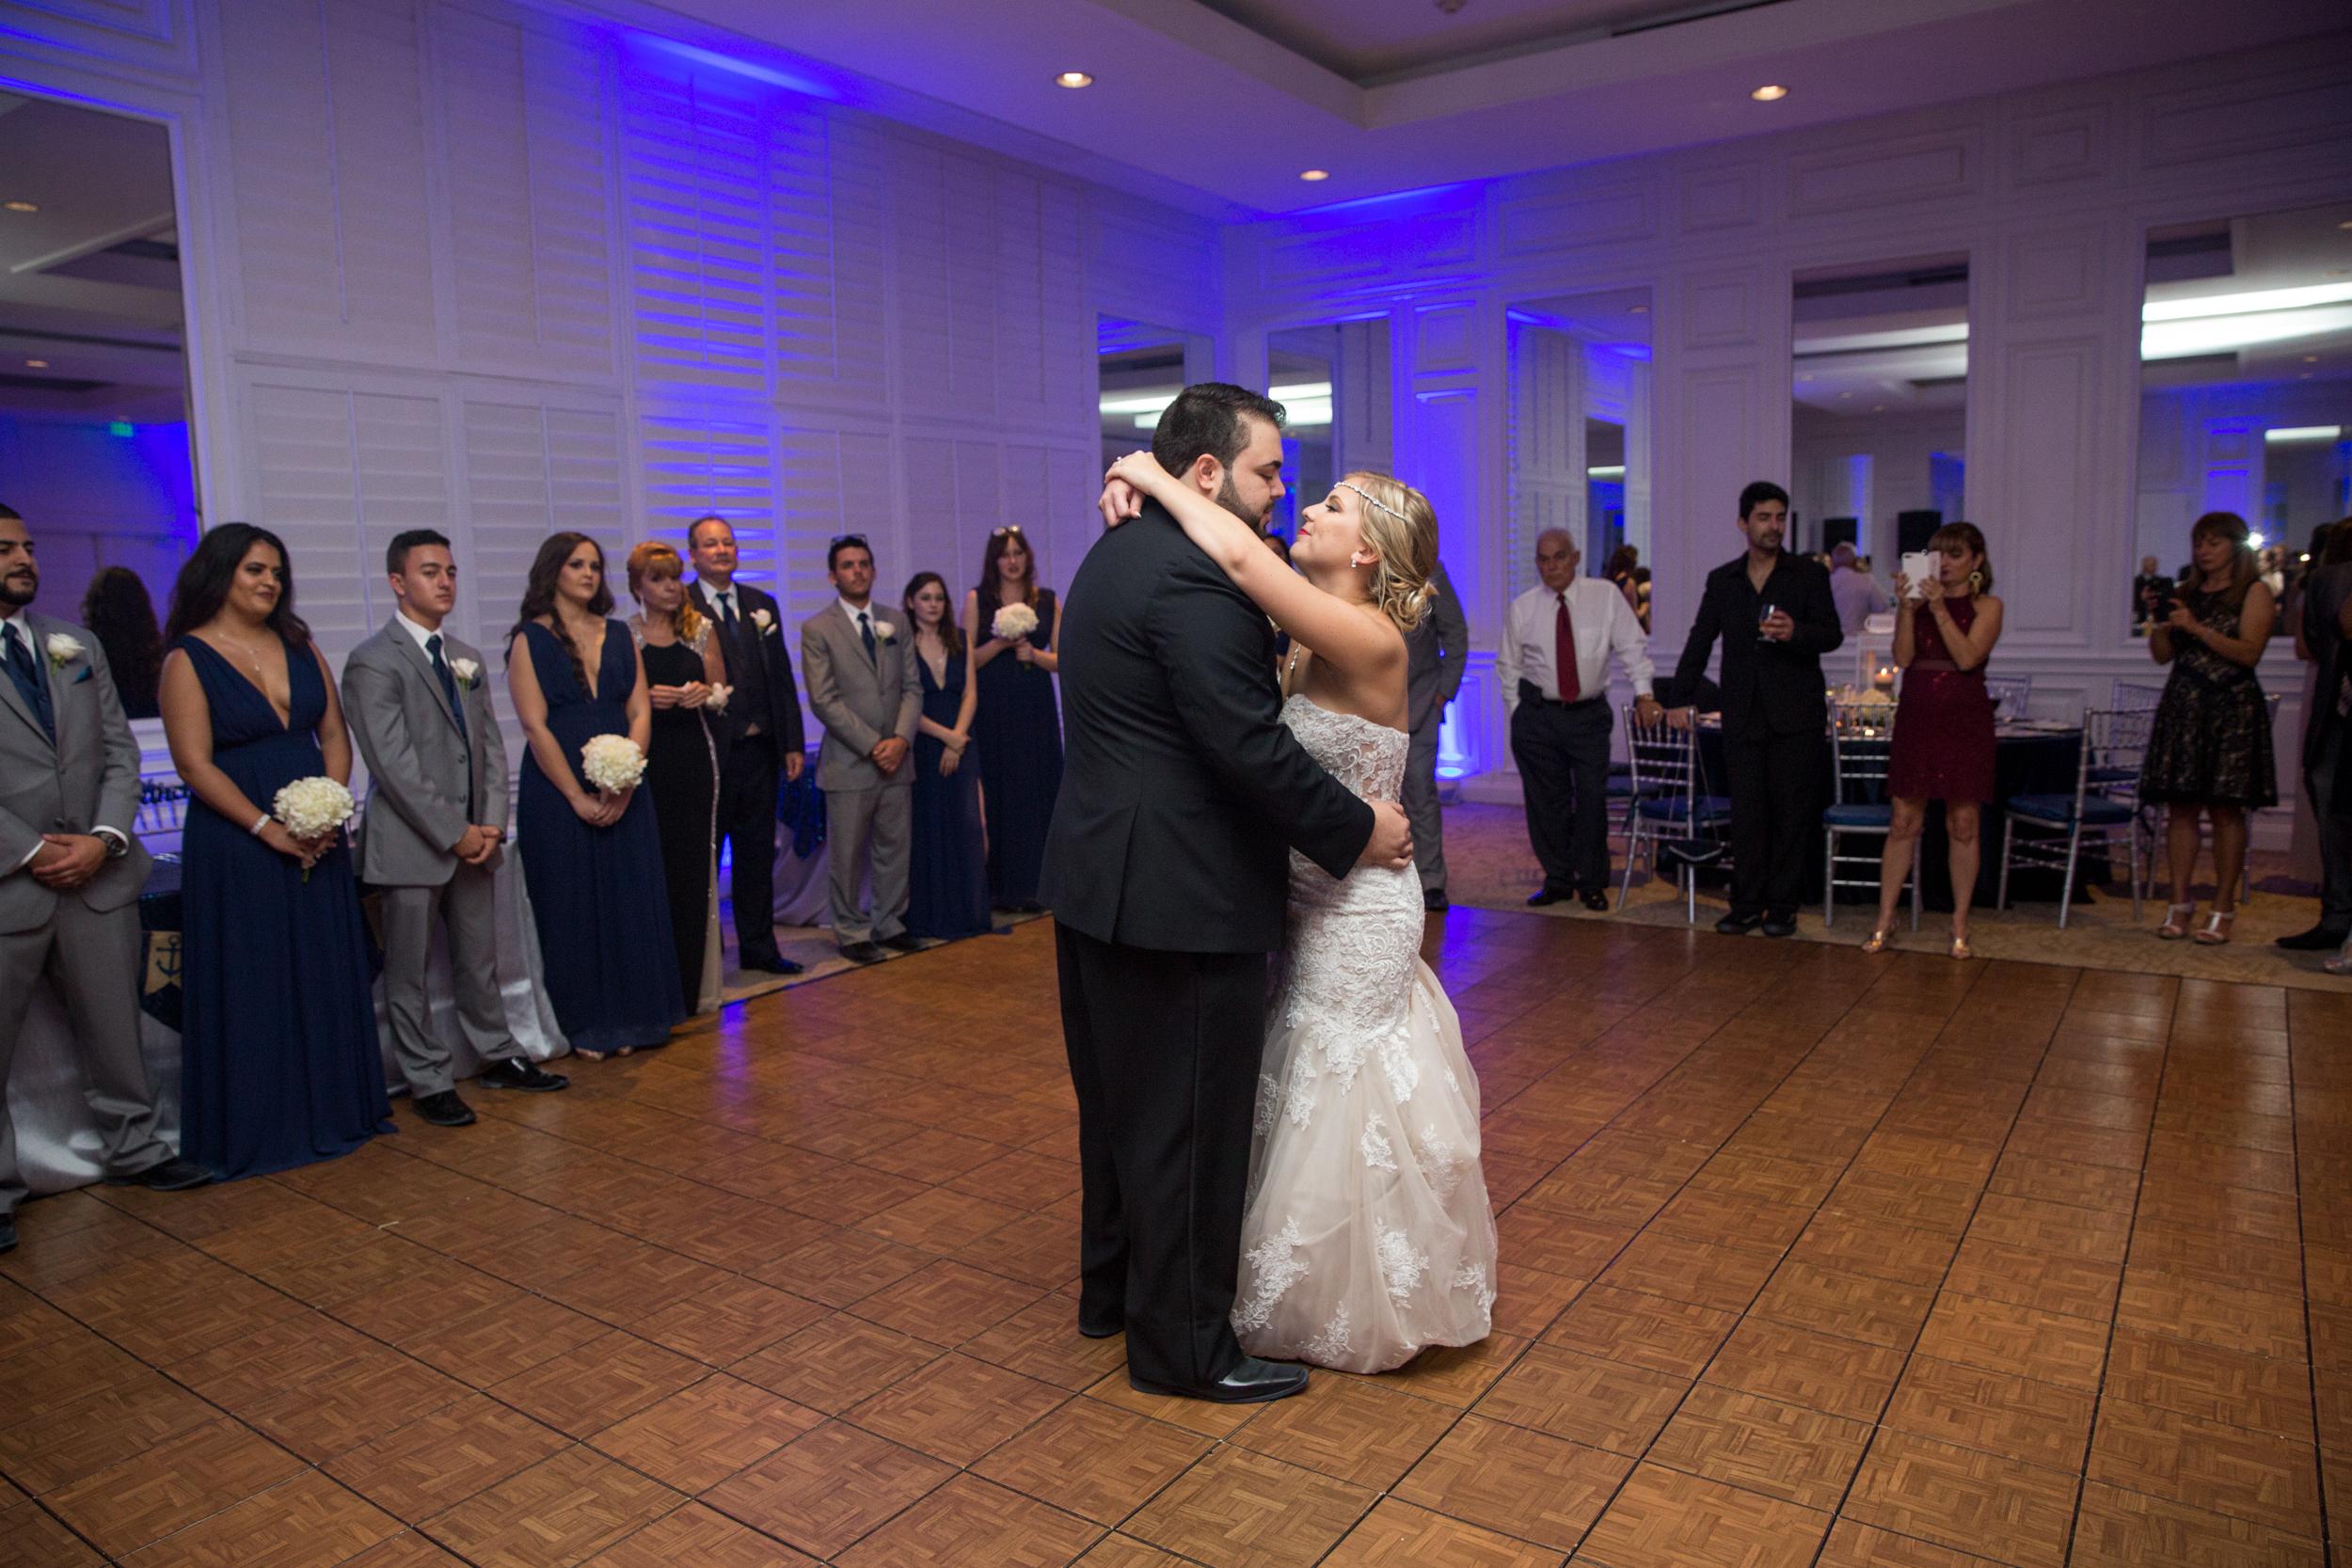 10-14-17_AshleyRichard_Wedding-119.jpg